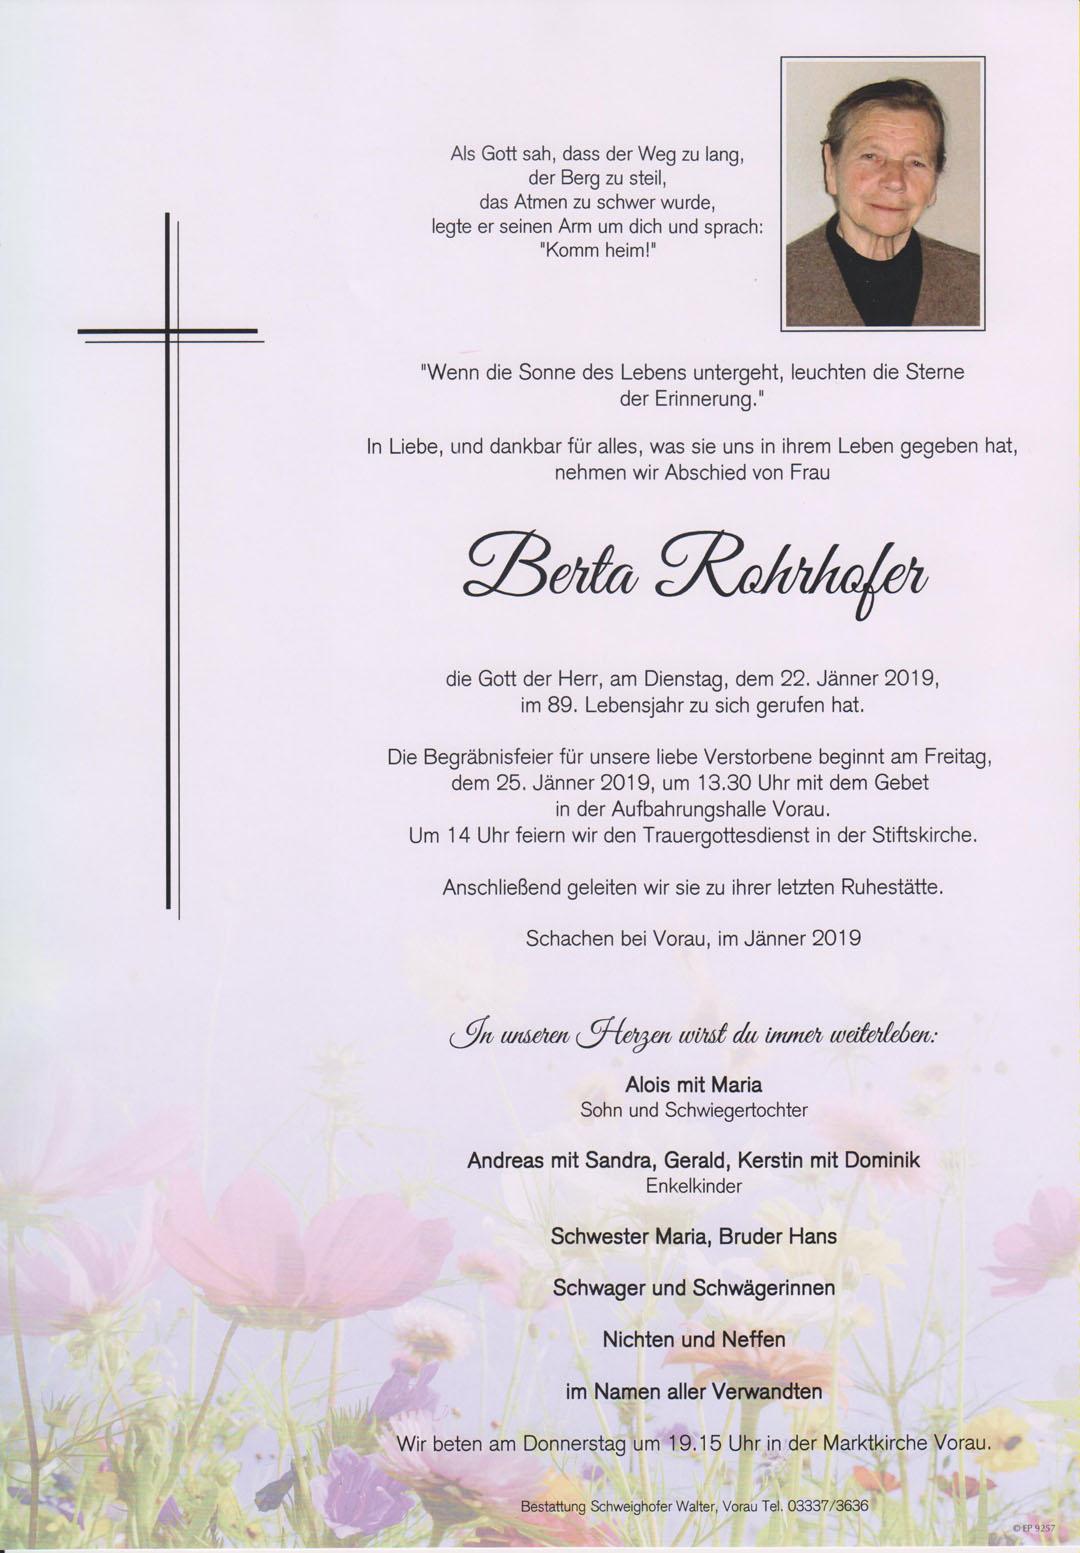 Berta Rohrhofer